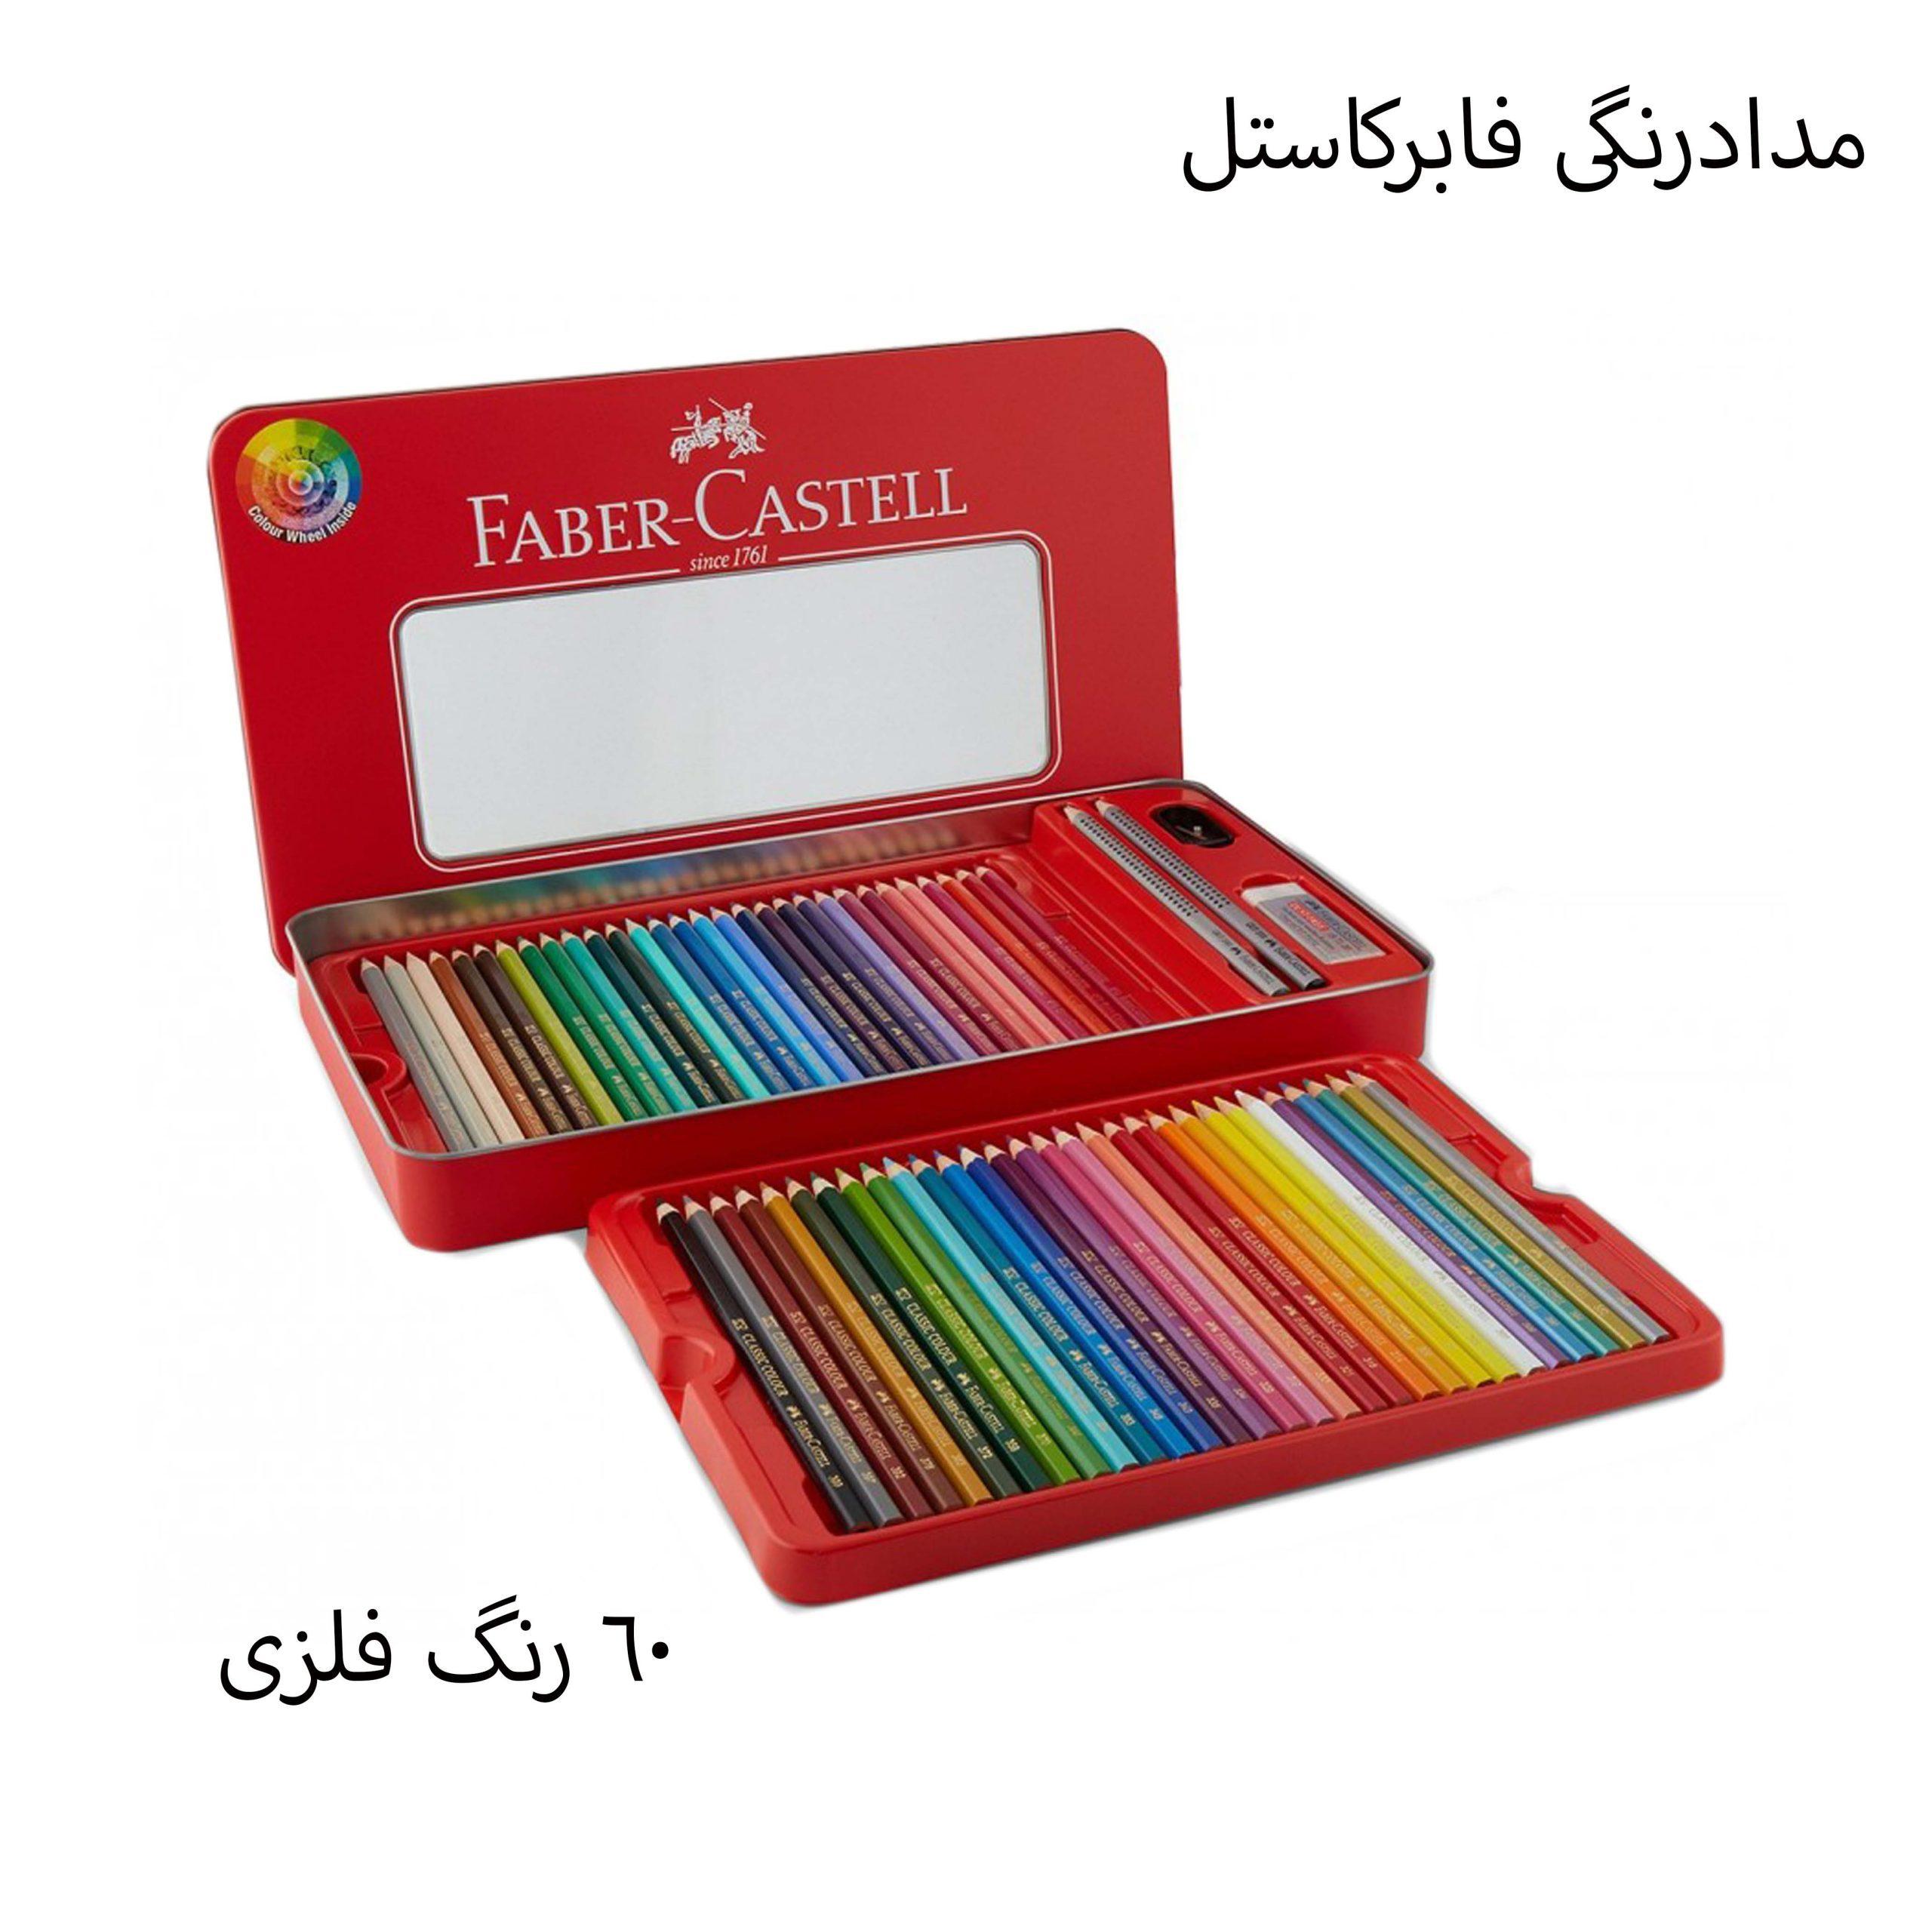 رنگی 60 رنگ فلزی فابرکاستل 2 2560x2560 - Home Drinks